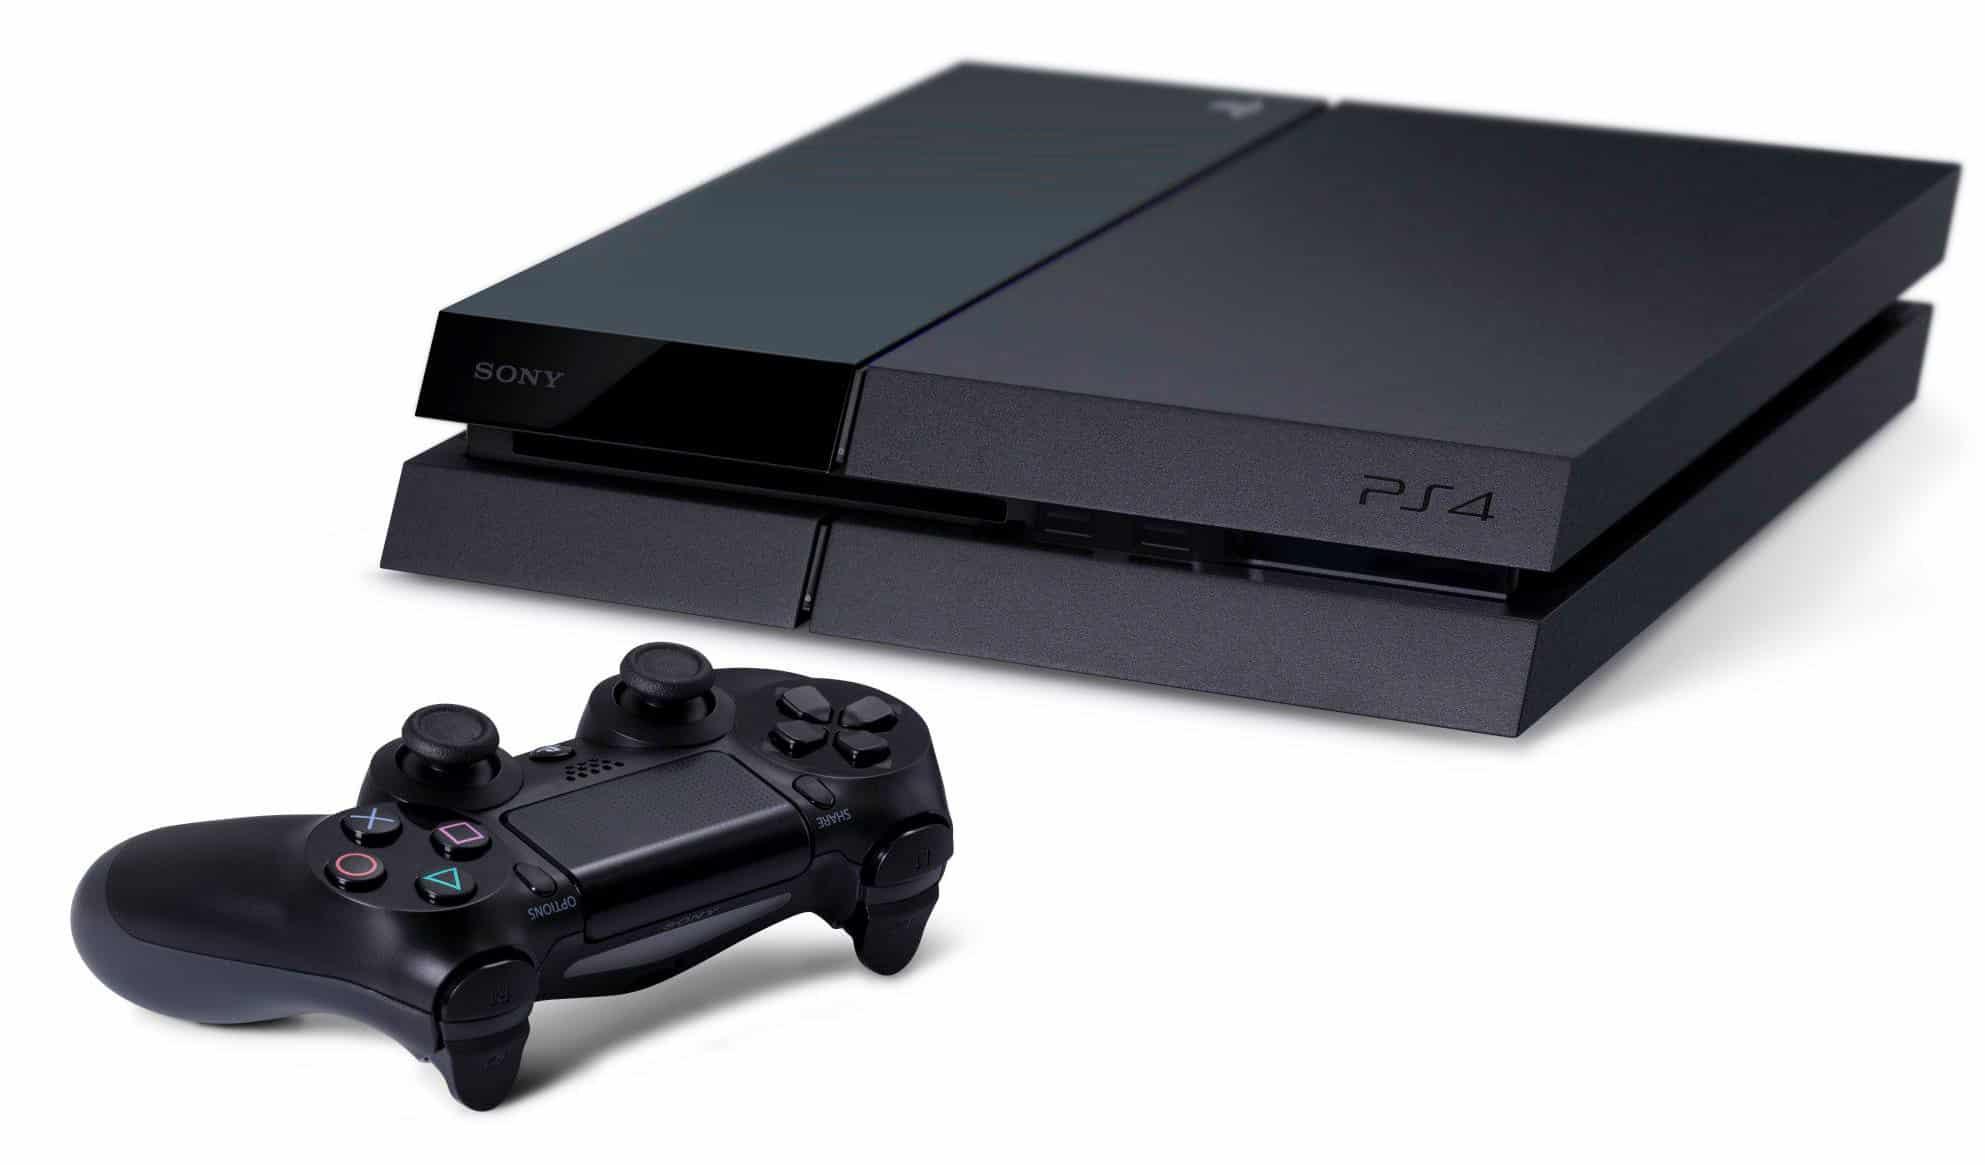 La PlayStation 4 vendió entre noviembre y el 28 de diciembre 4,2 millones de consolas.